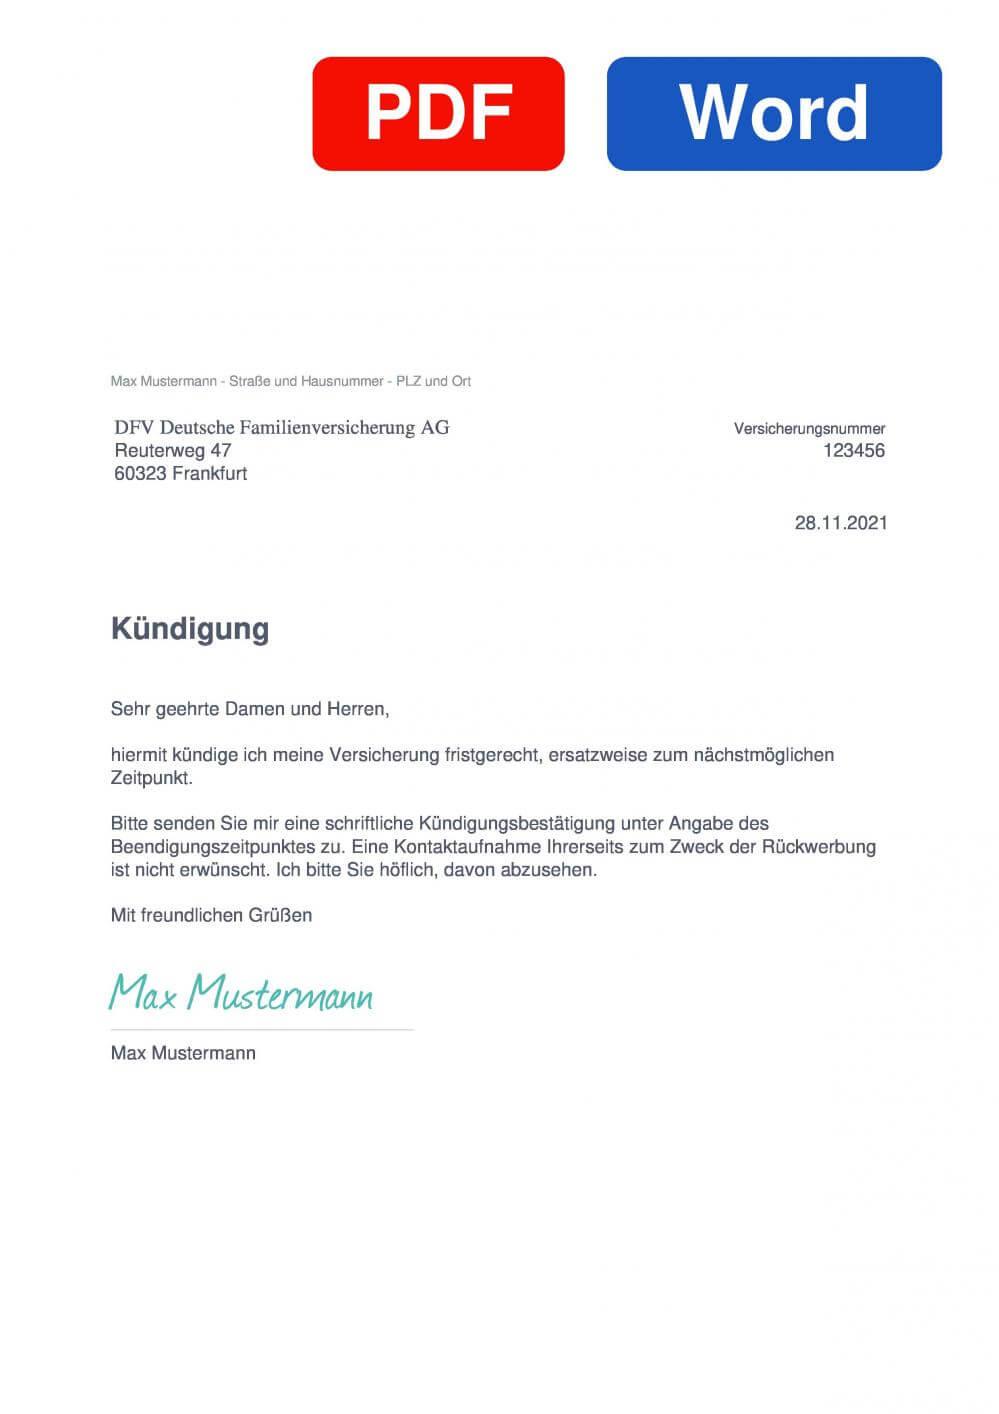 DFV Elektronikversicherung Muster Vorlage für Kündigungsschreiben